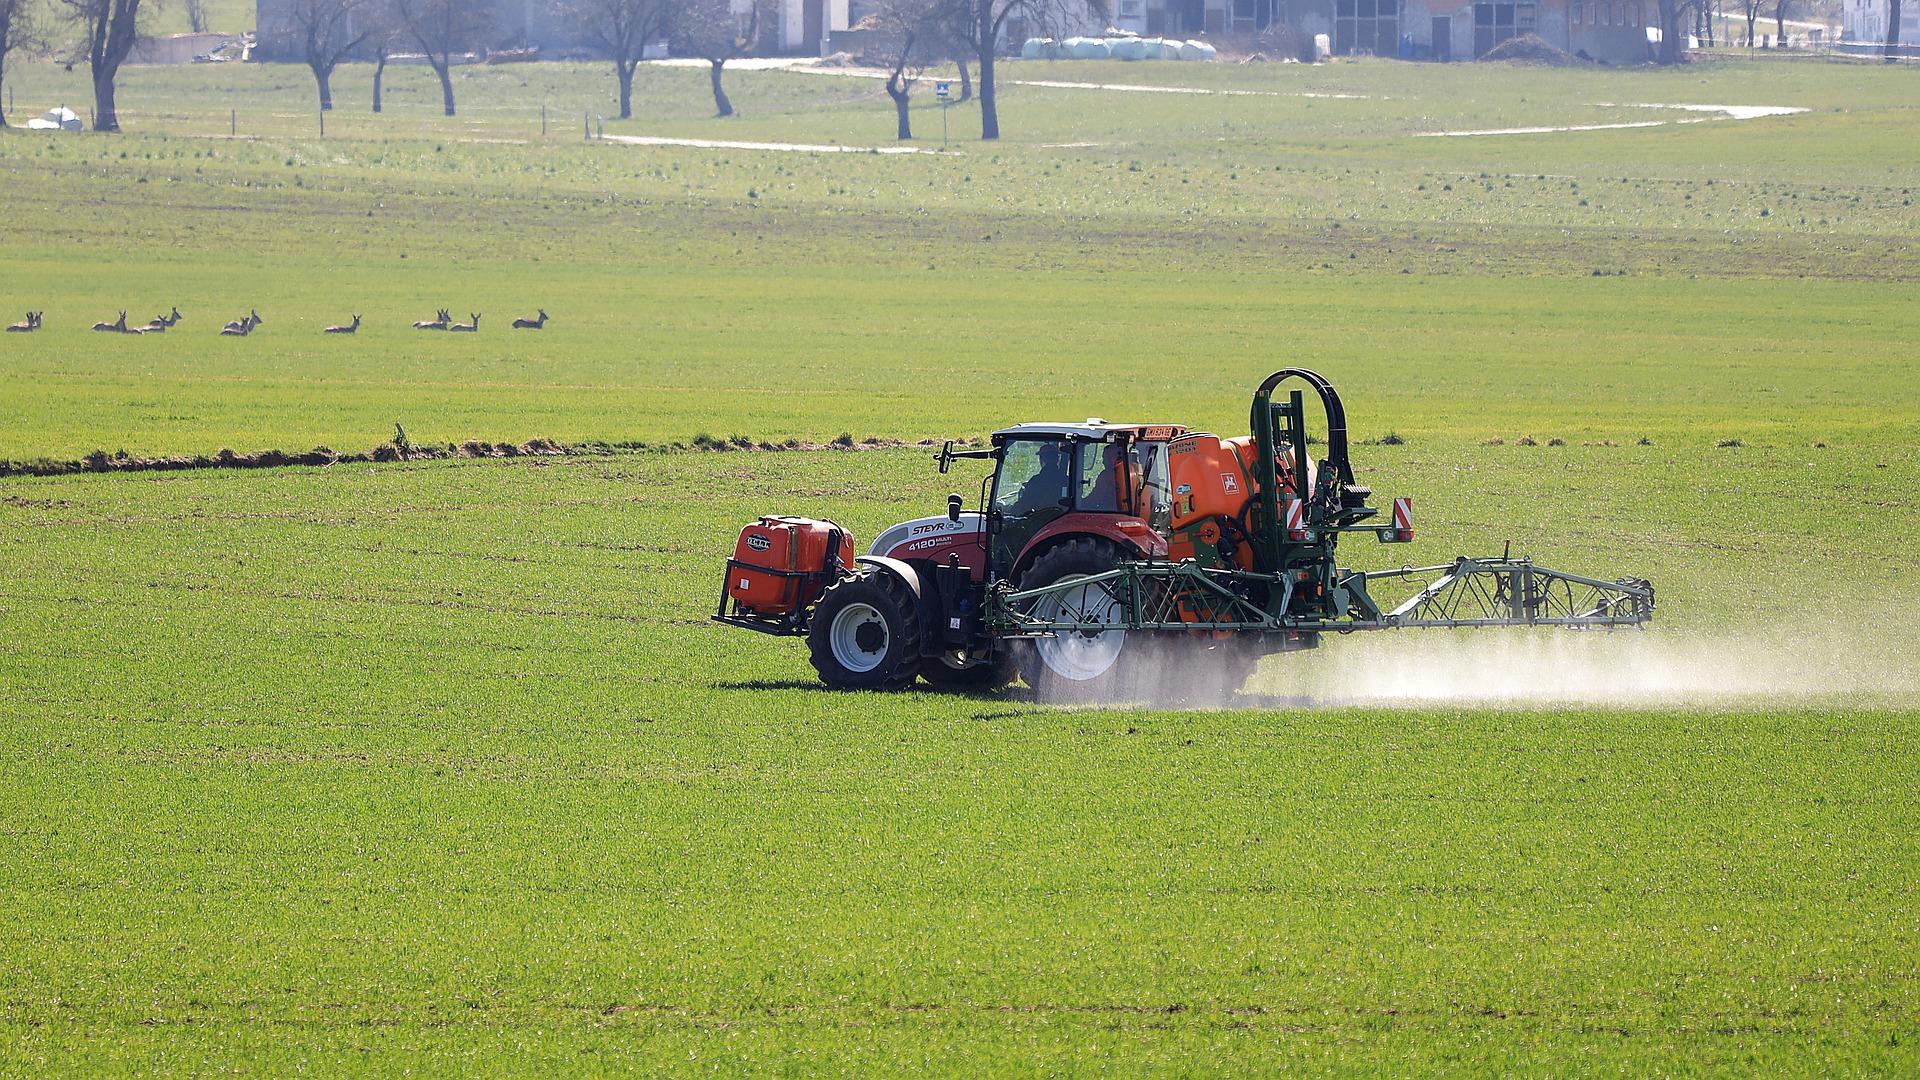 Держпрограму компенсації вартості агротехніки необхідно вдосконалити в інтересах аграріїв — експерт